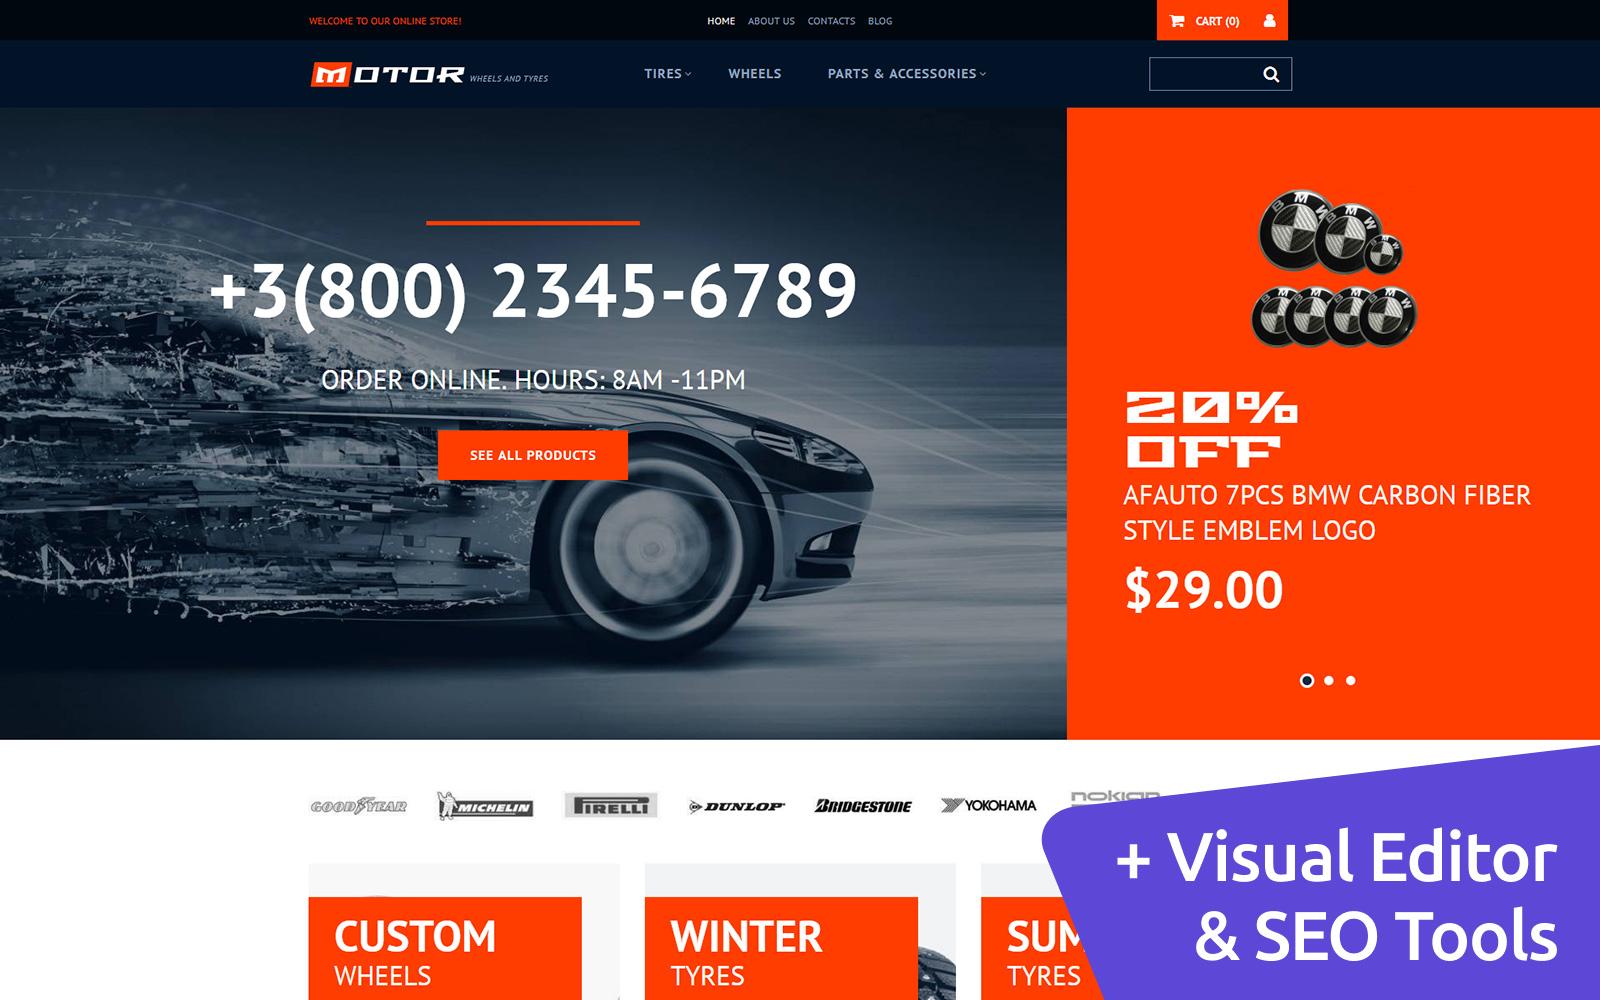 """Modello MotoCMS E-commerce Responsive #65057 """"Motor Wheels & Tires"""""""